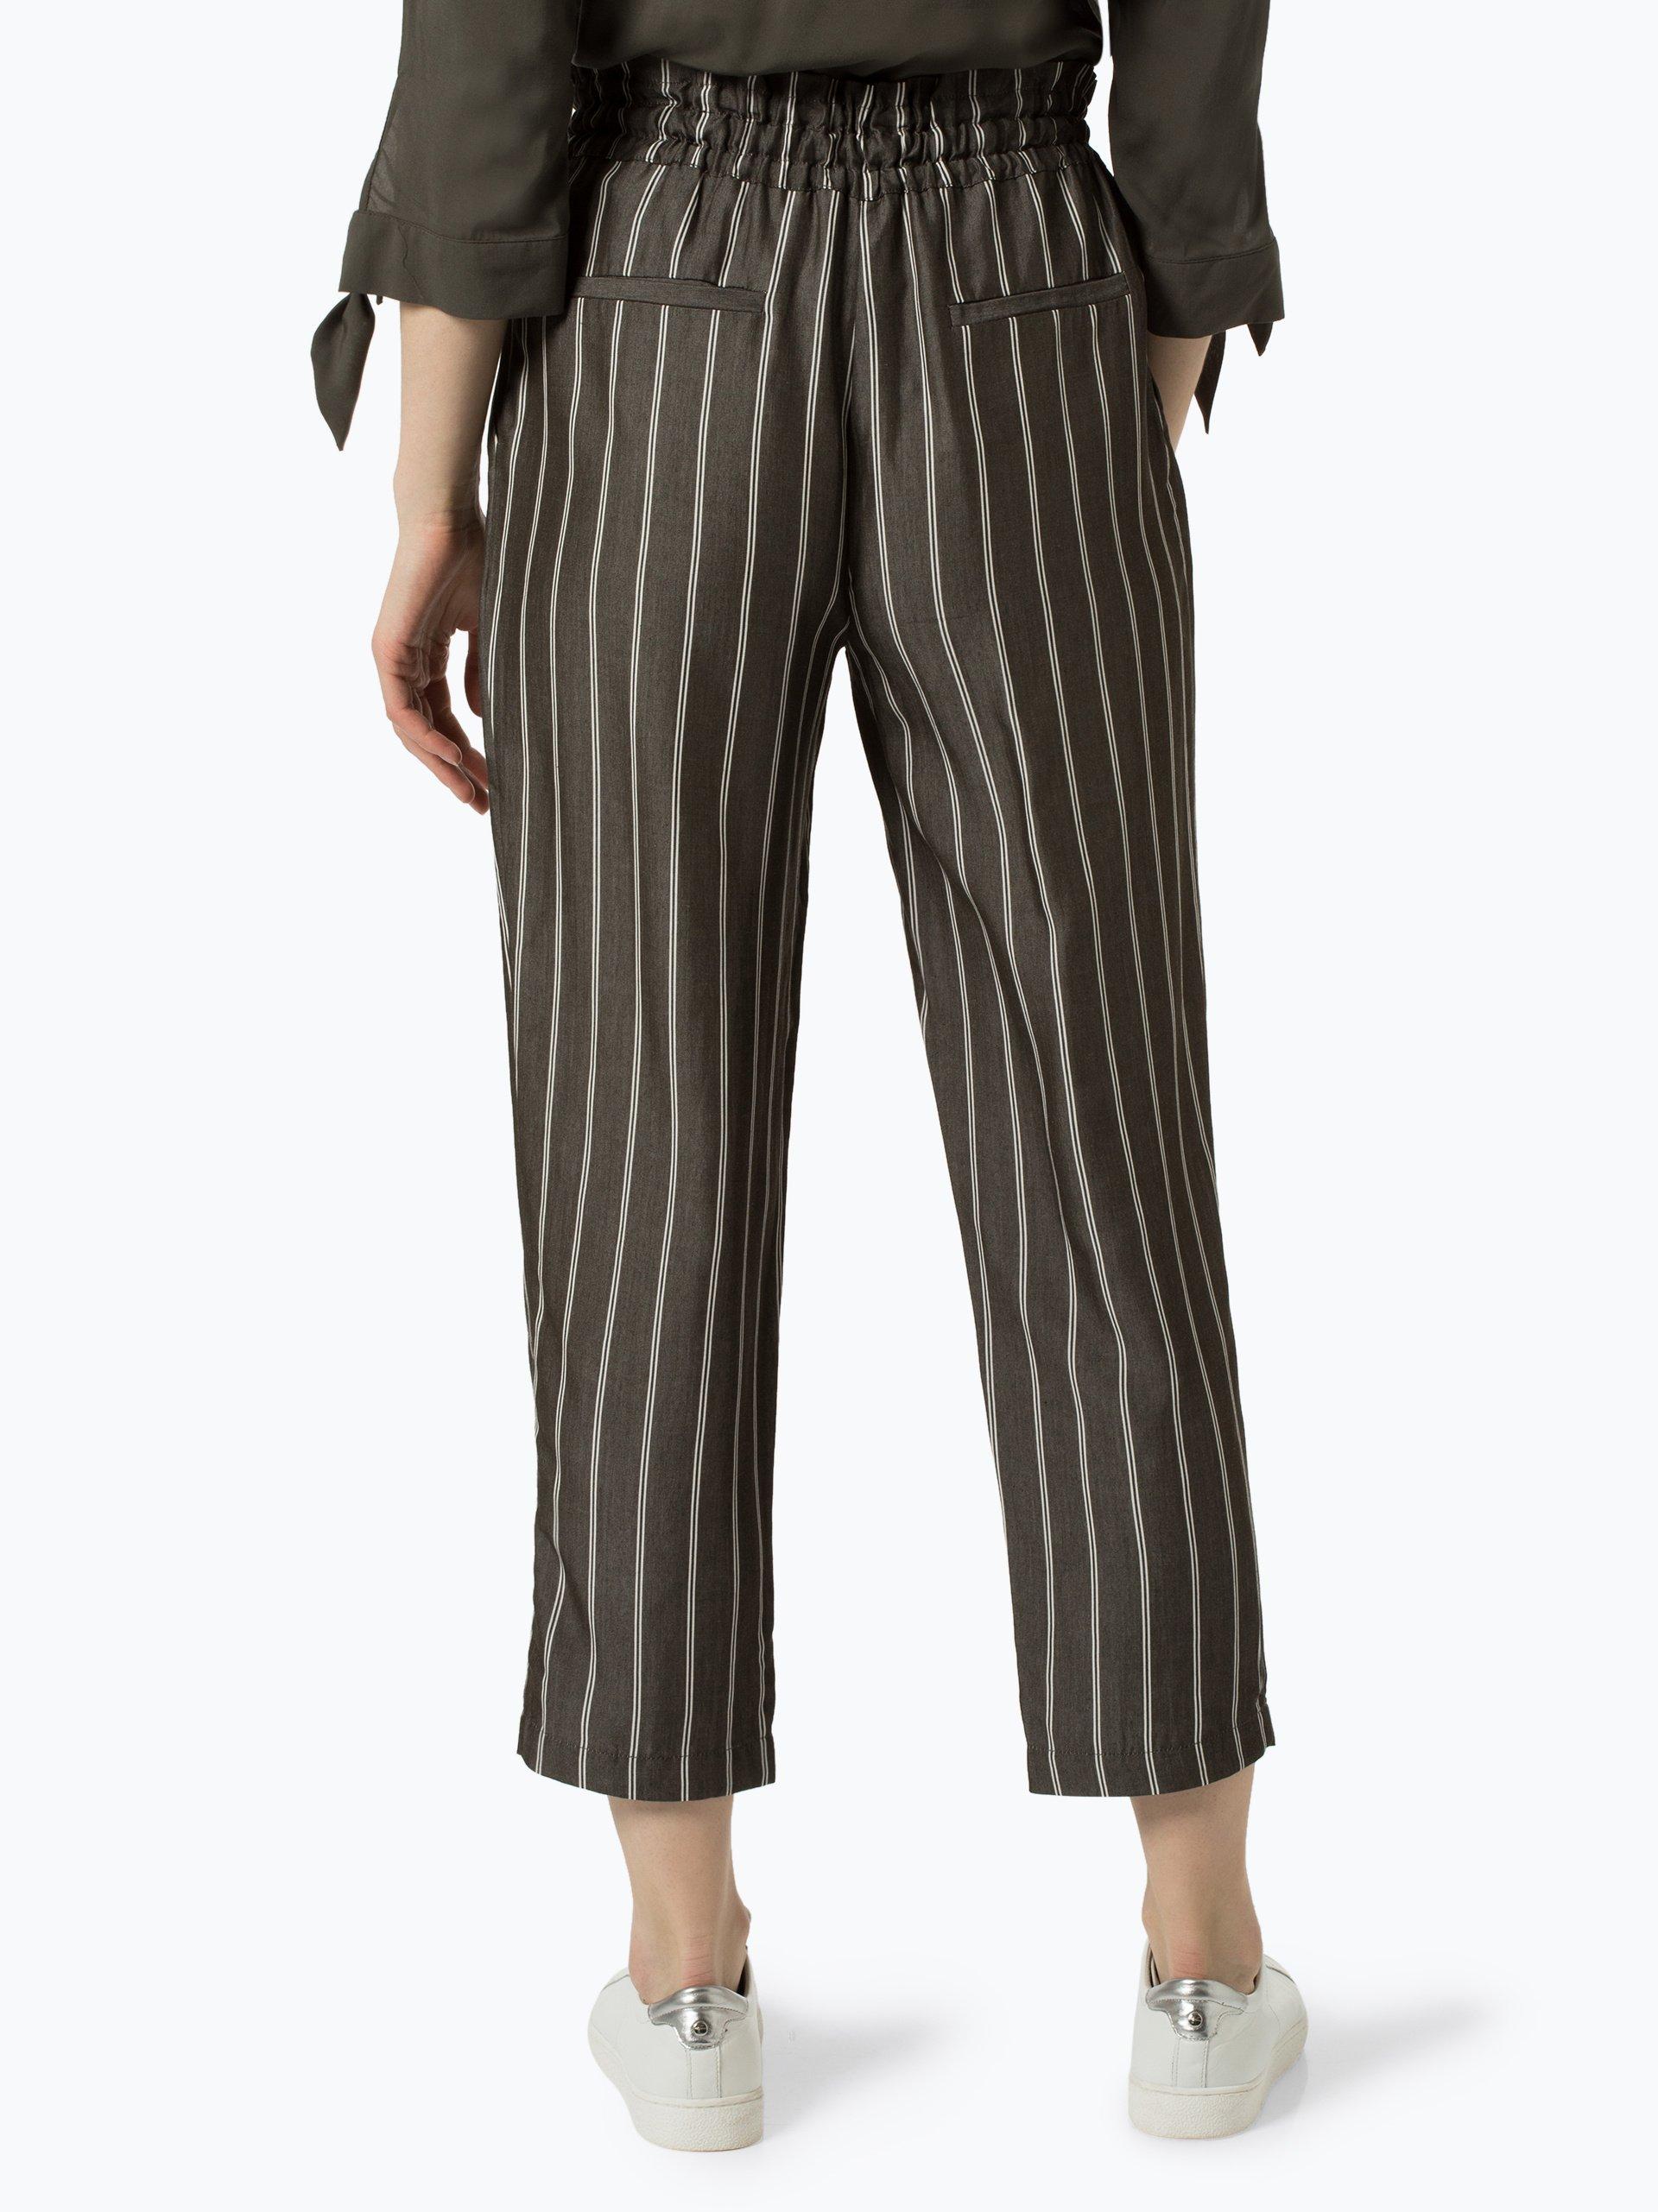 Opus Spodnie damskie – Marene